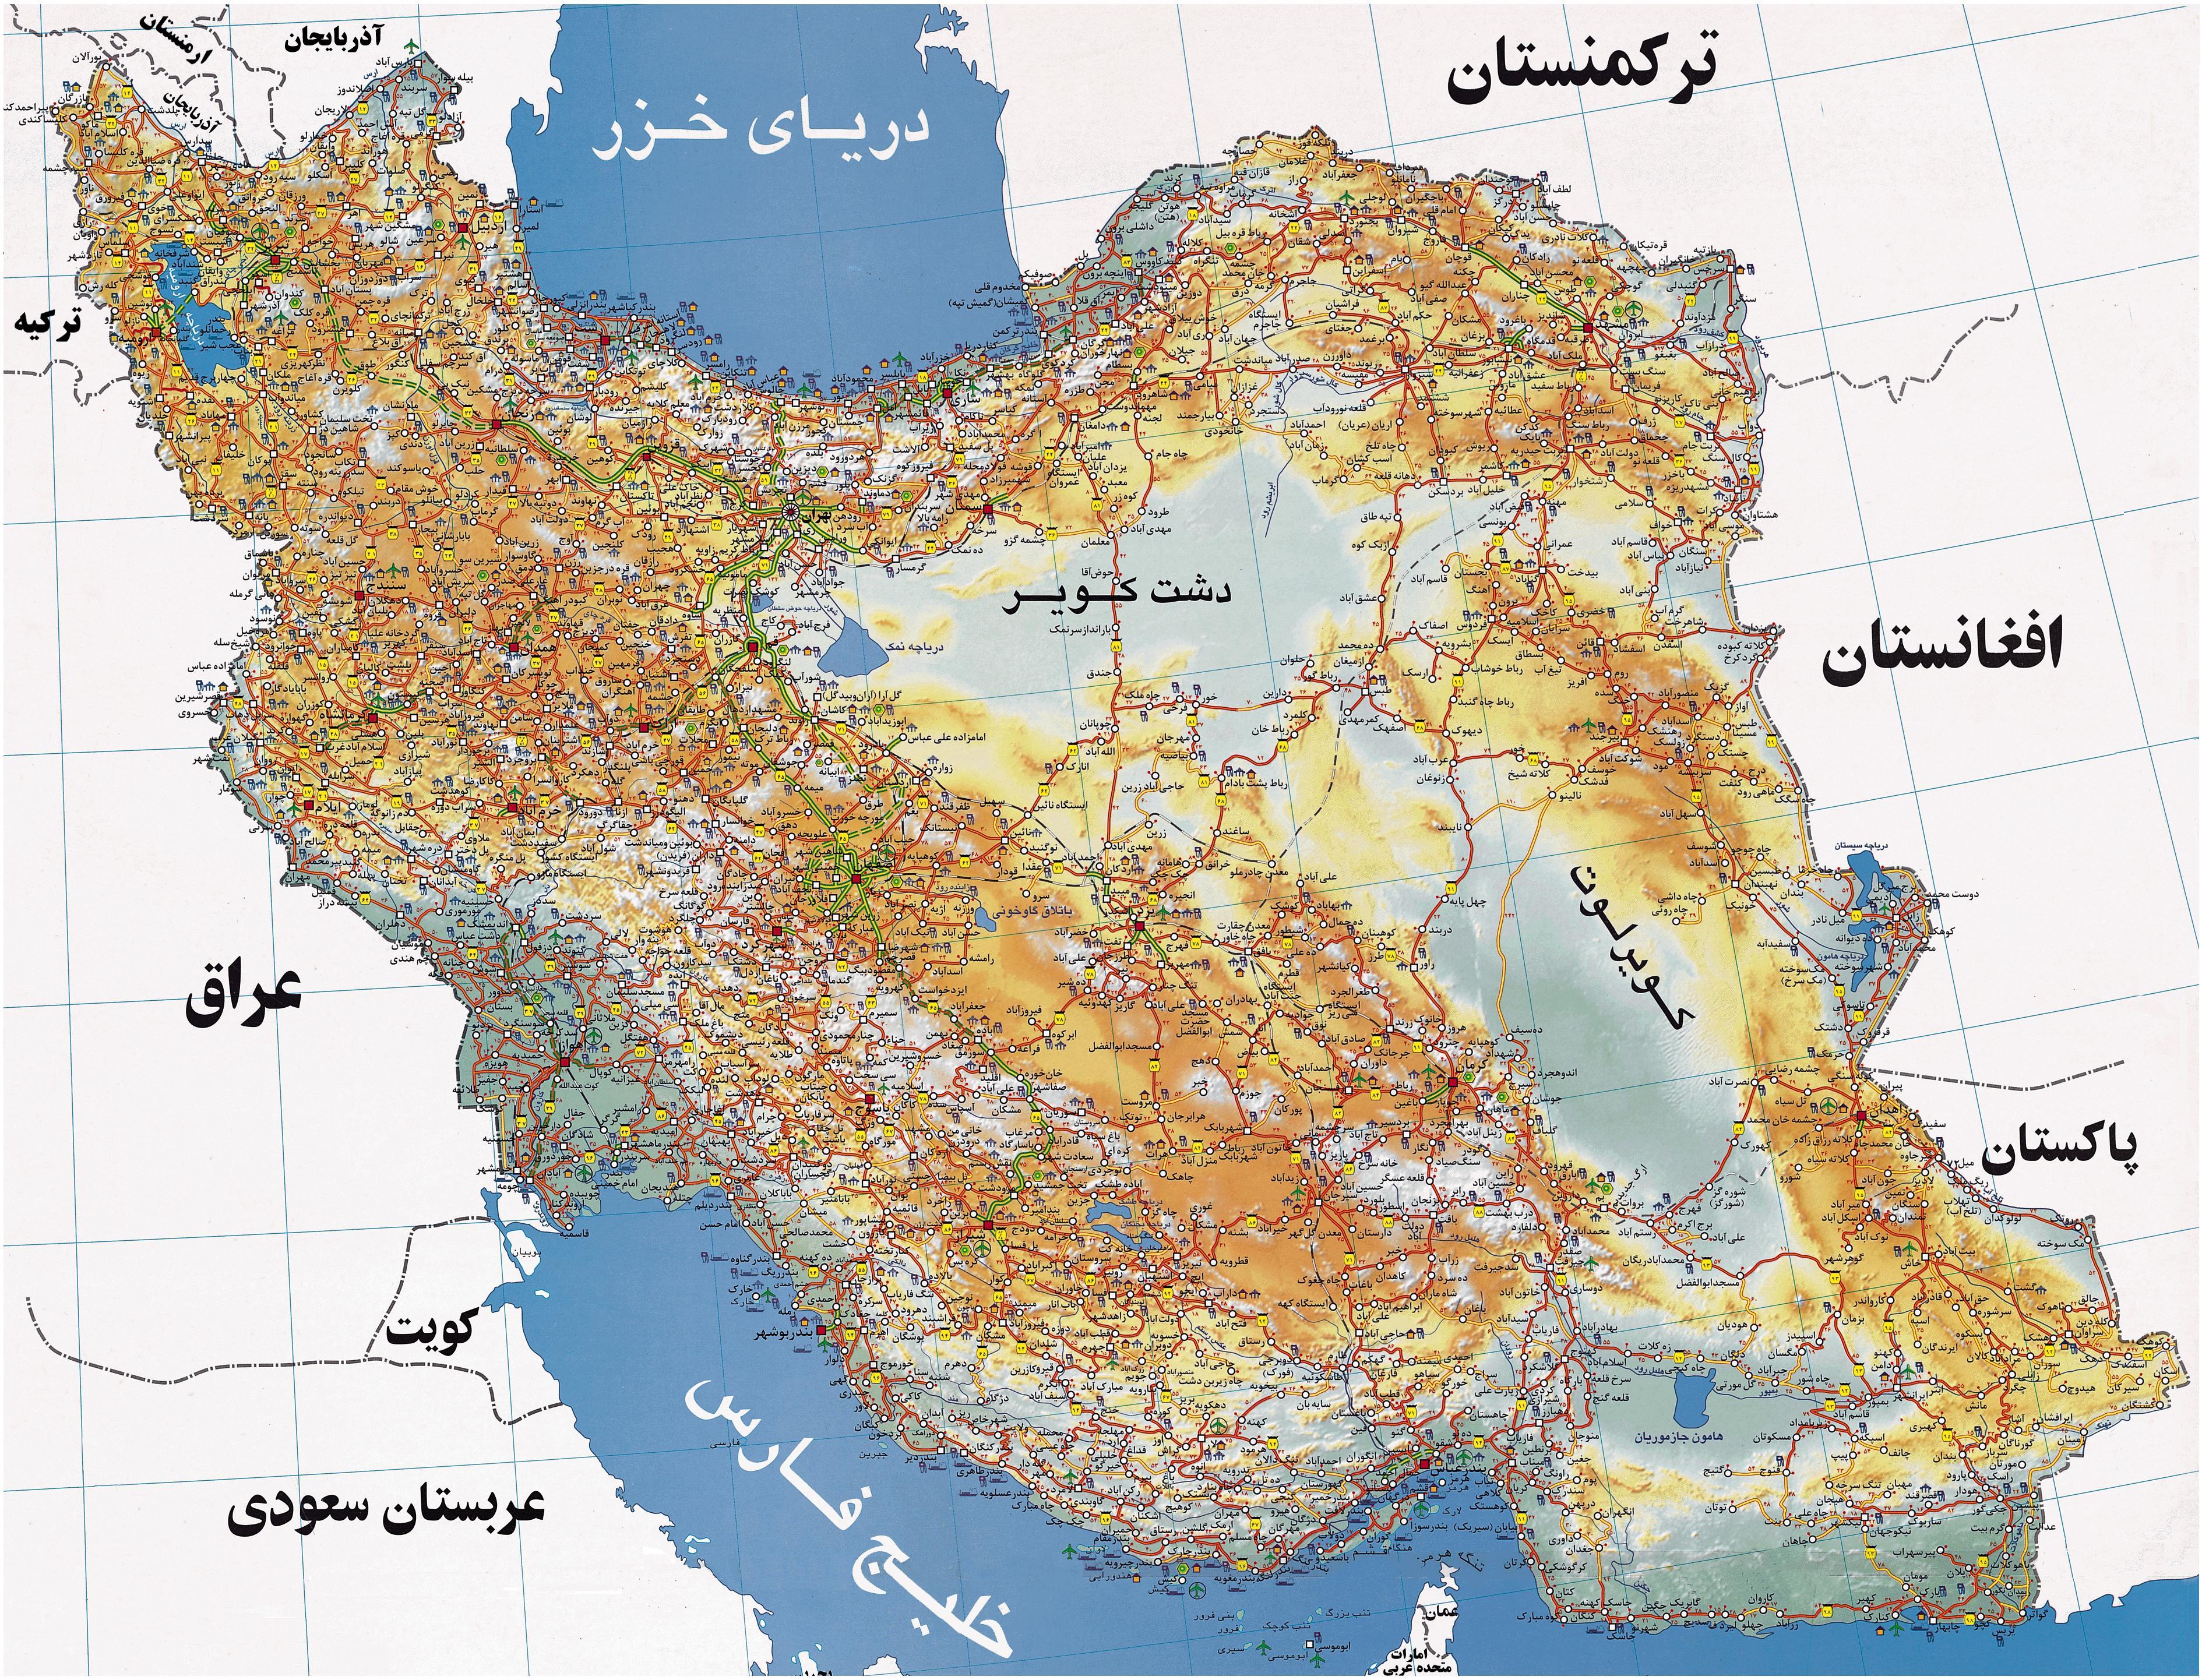 چرا باید همه راهها به تهران ختم شود؟